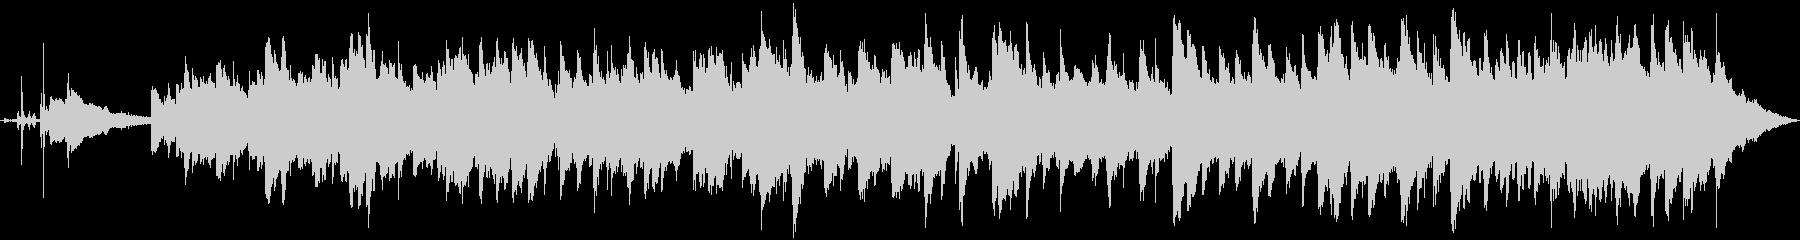 1890年のドイツのディスクオルゴ...の未再生の波形